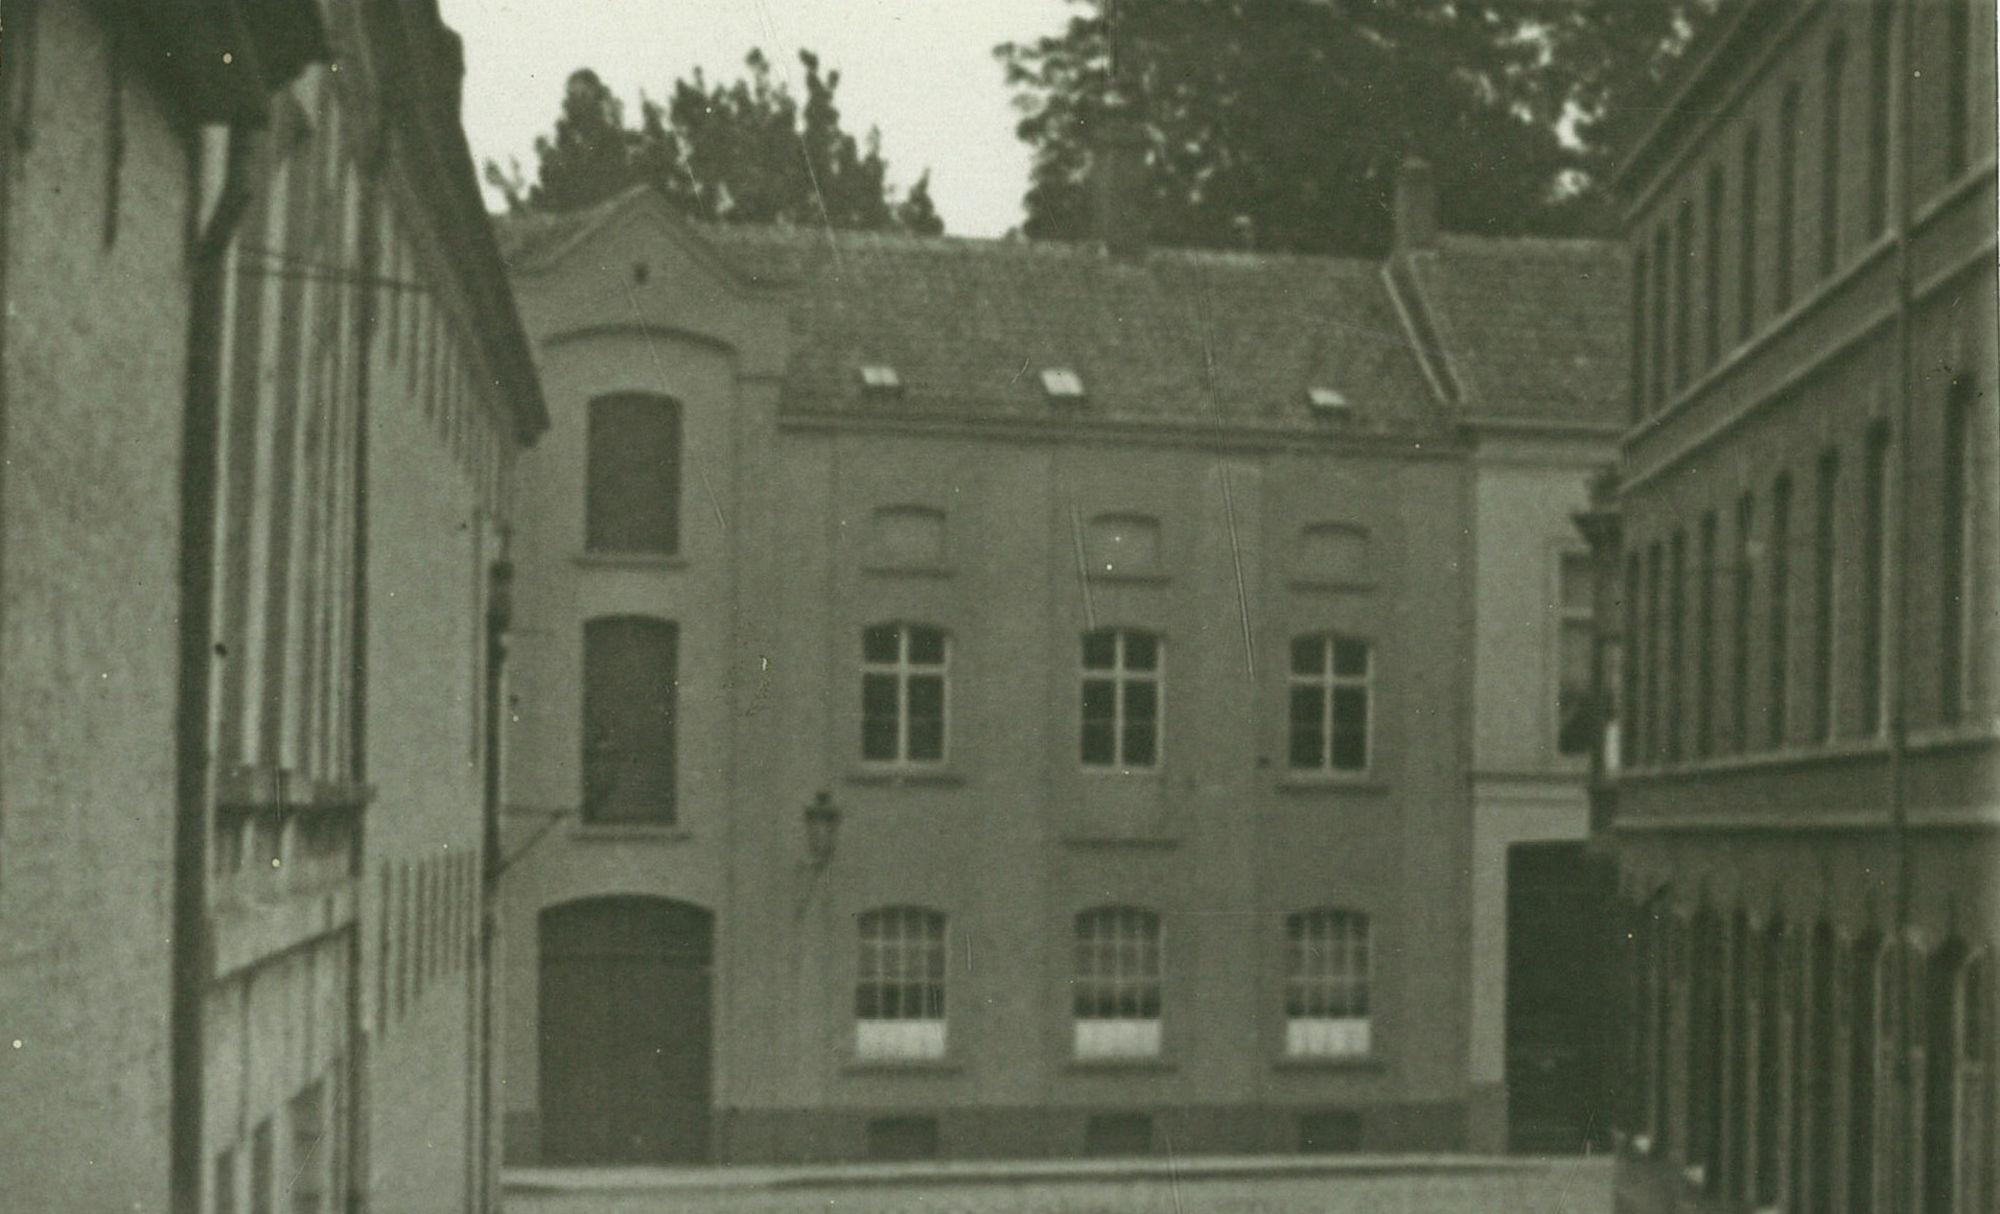 Huis in de huidige Guido Gezellestraat waar Guido Gezelle woonde van 1889 tot 1893